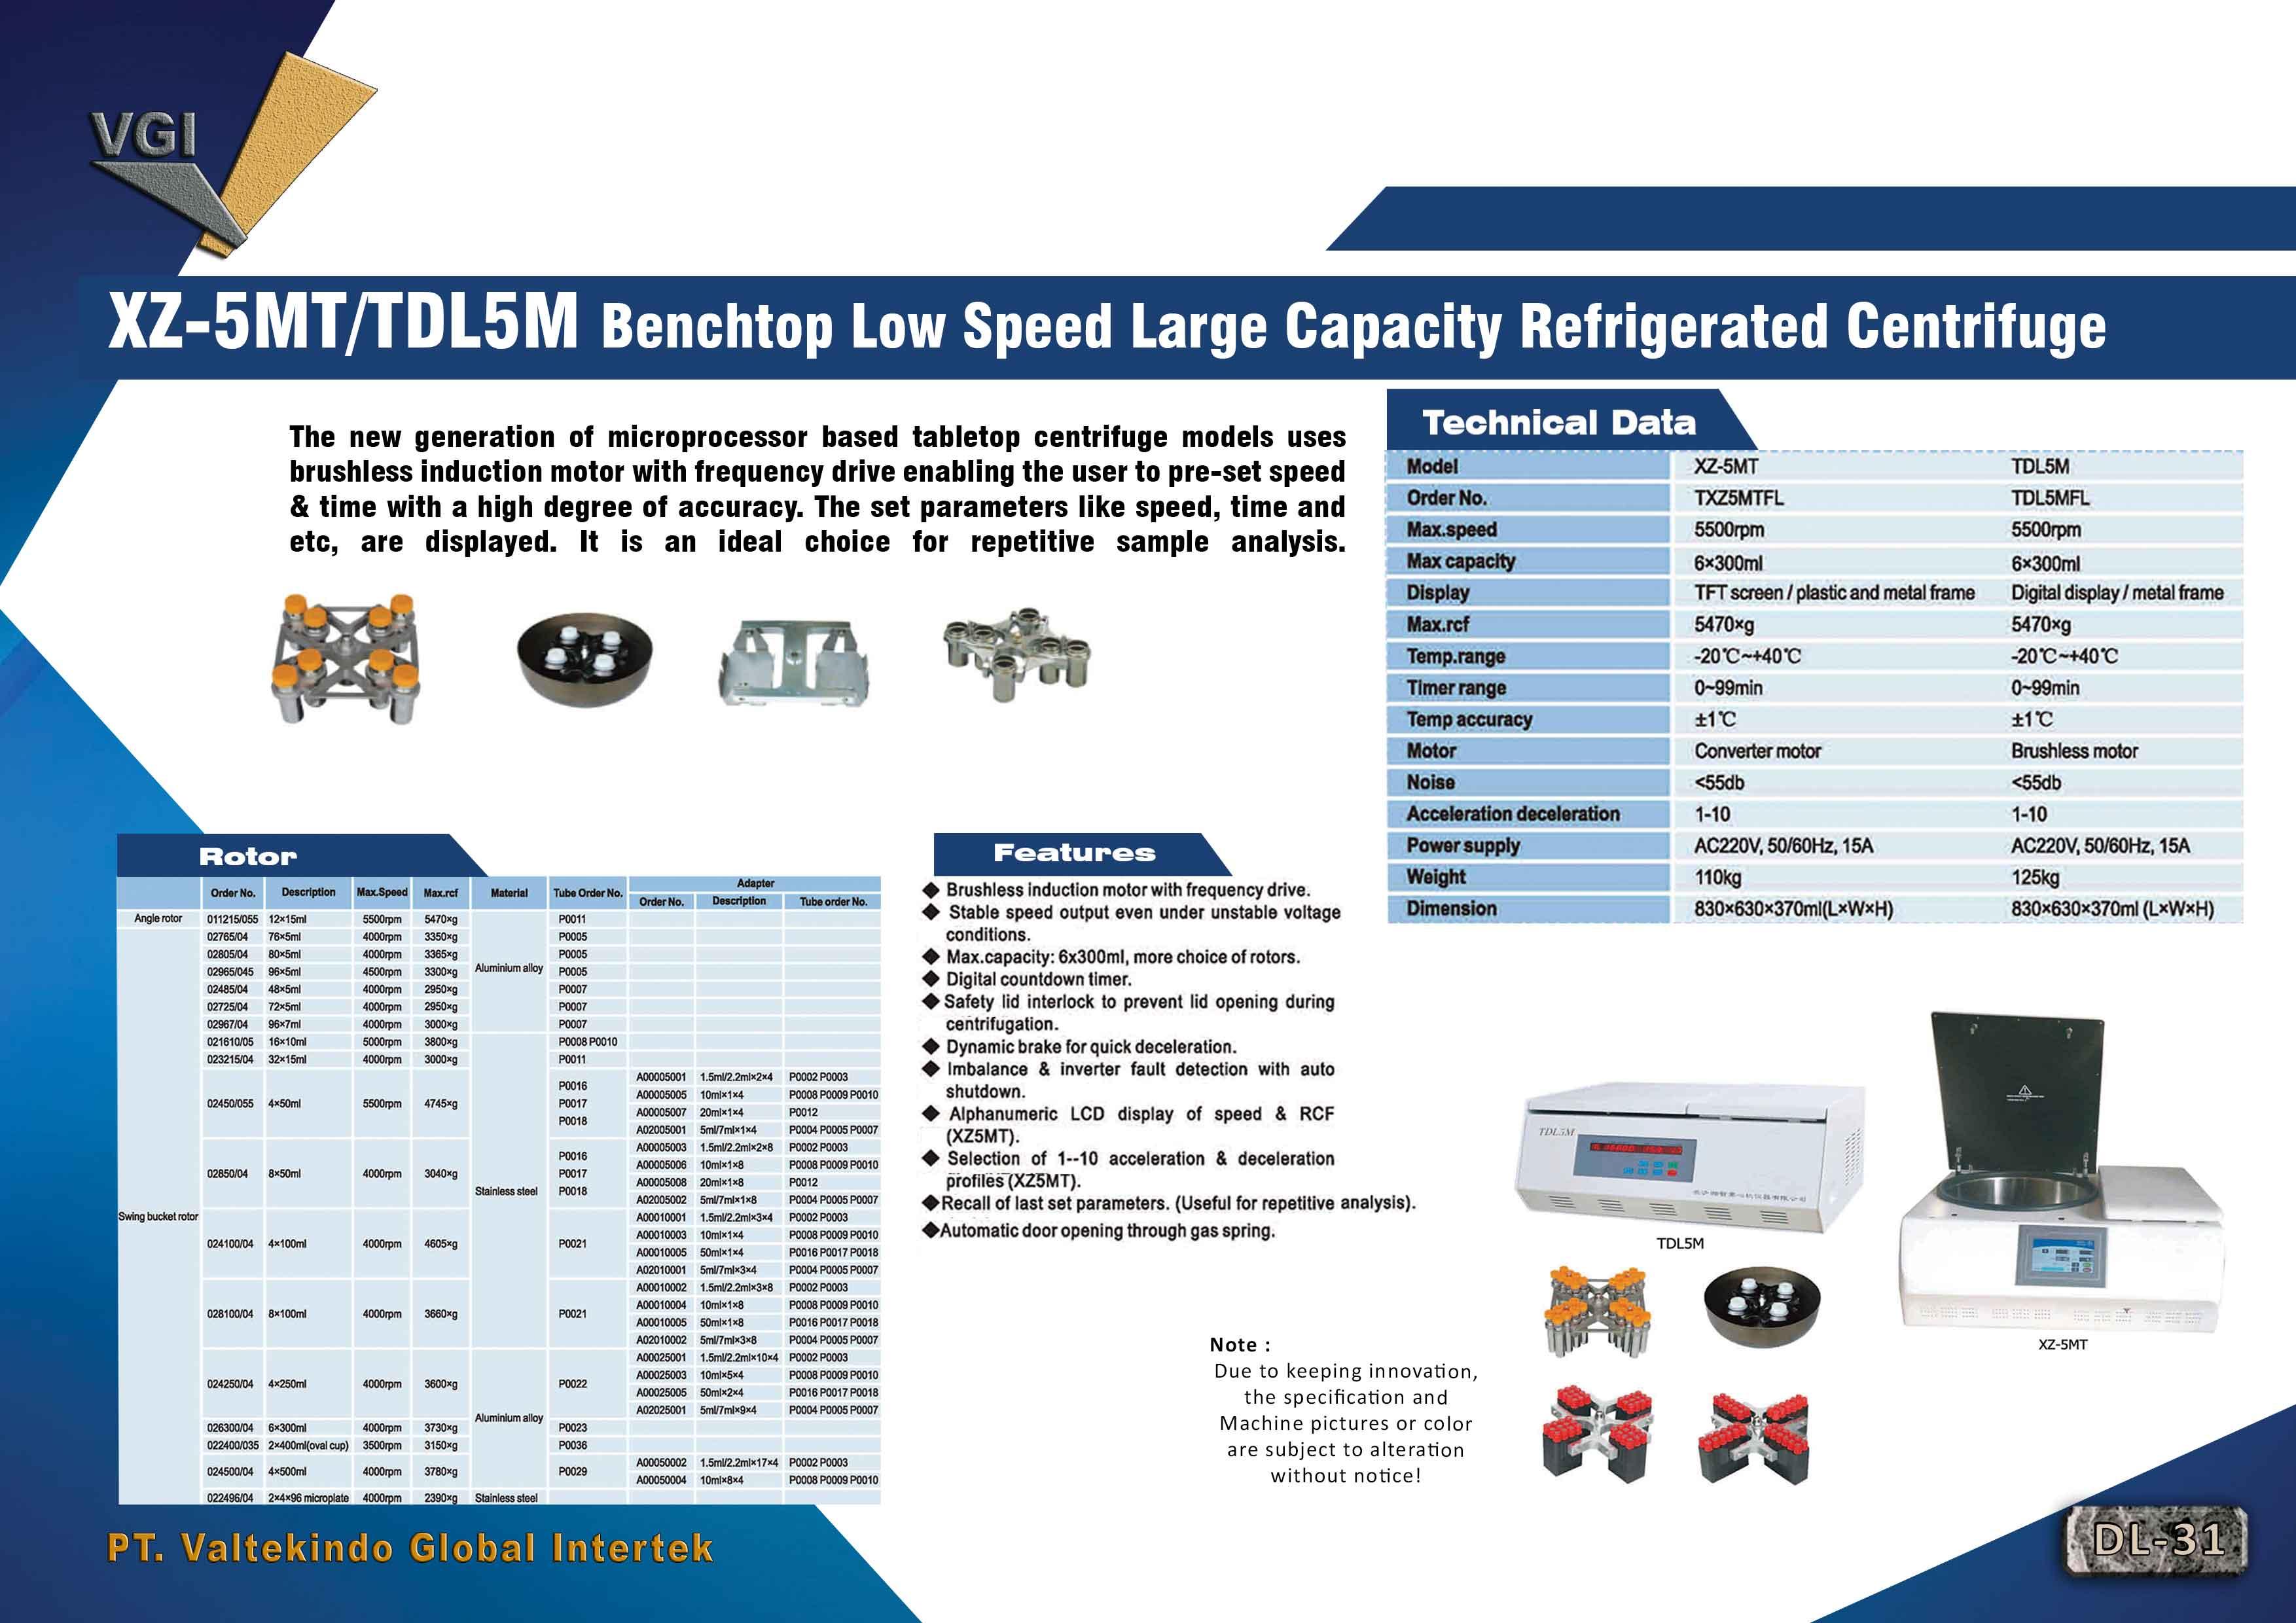 jual mesin Benchtop Low Speed Large Capacity Refrigerated Centrifuge Benchtop Low Speed Large Capacity Refrigerated Centrifuge